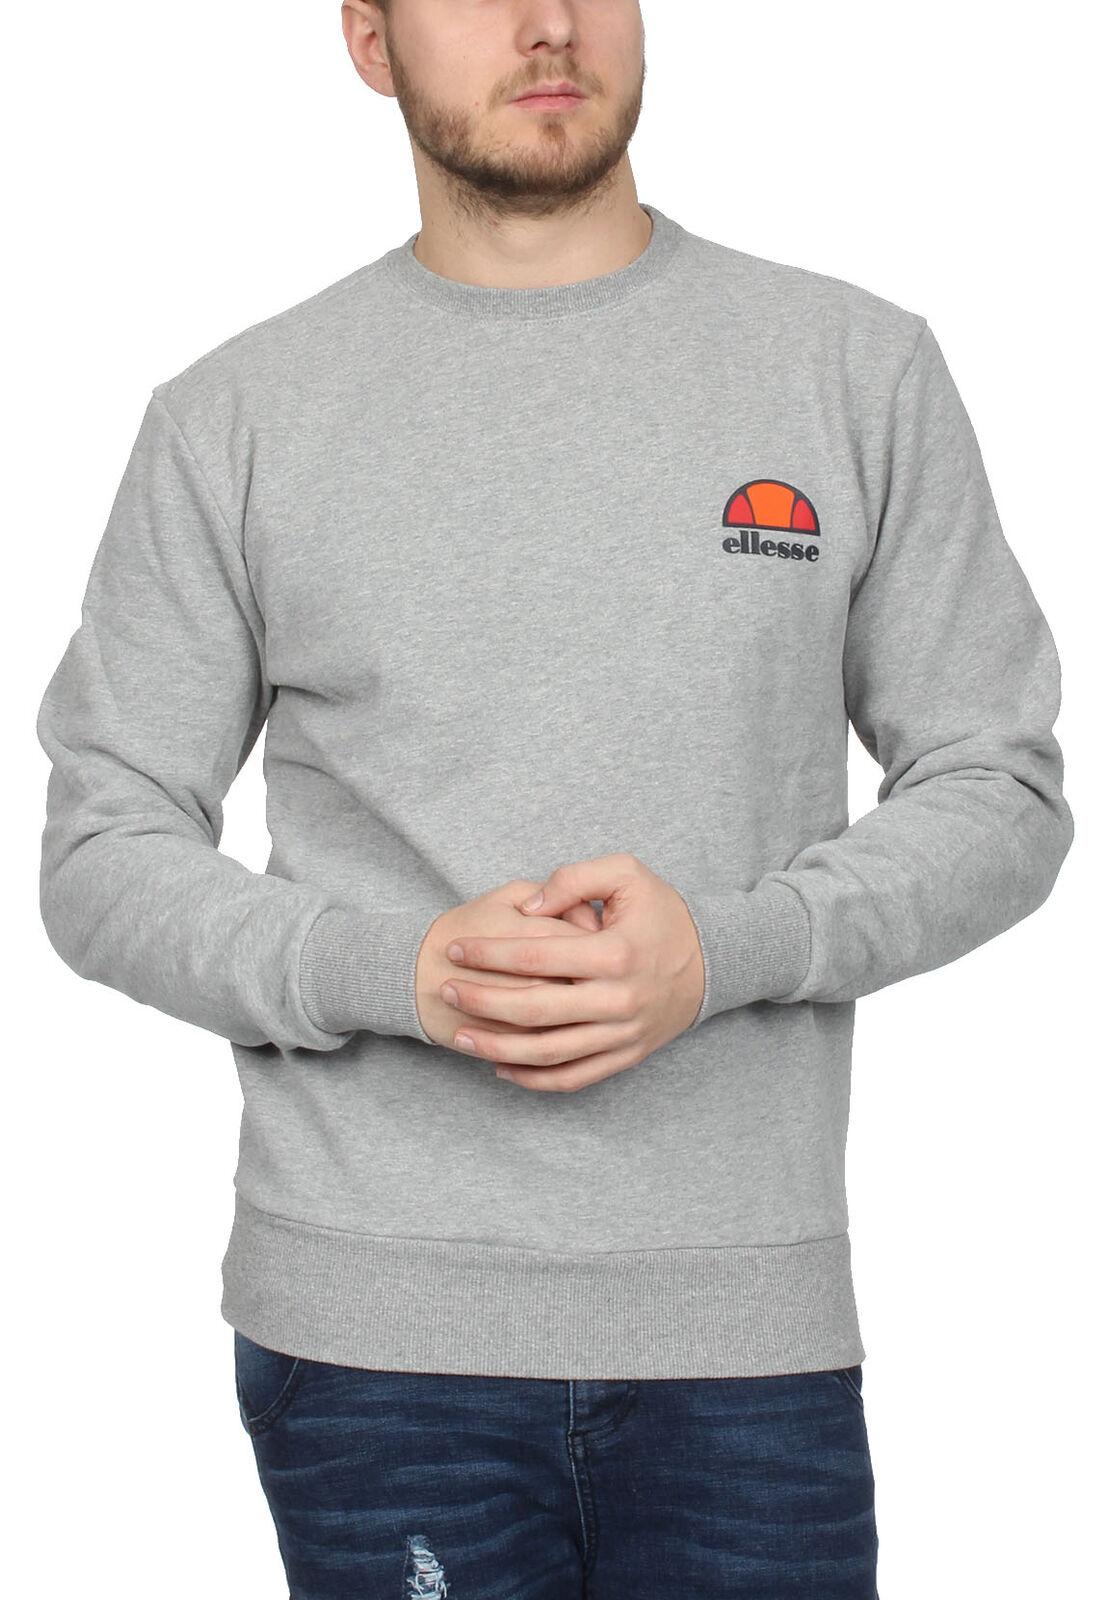 Ellesse sweater uomo Diveria Crew Sweat Grigio grigio Marl